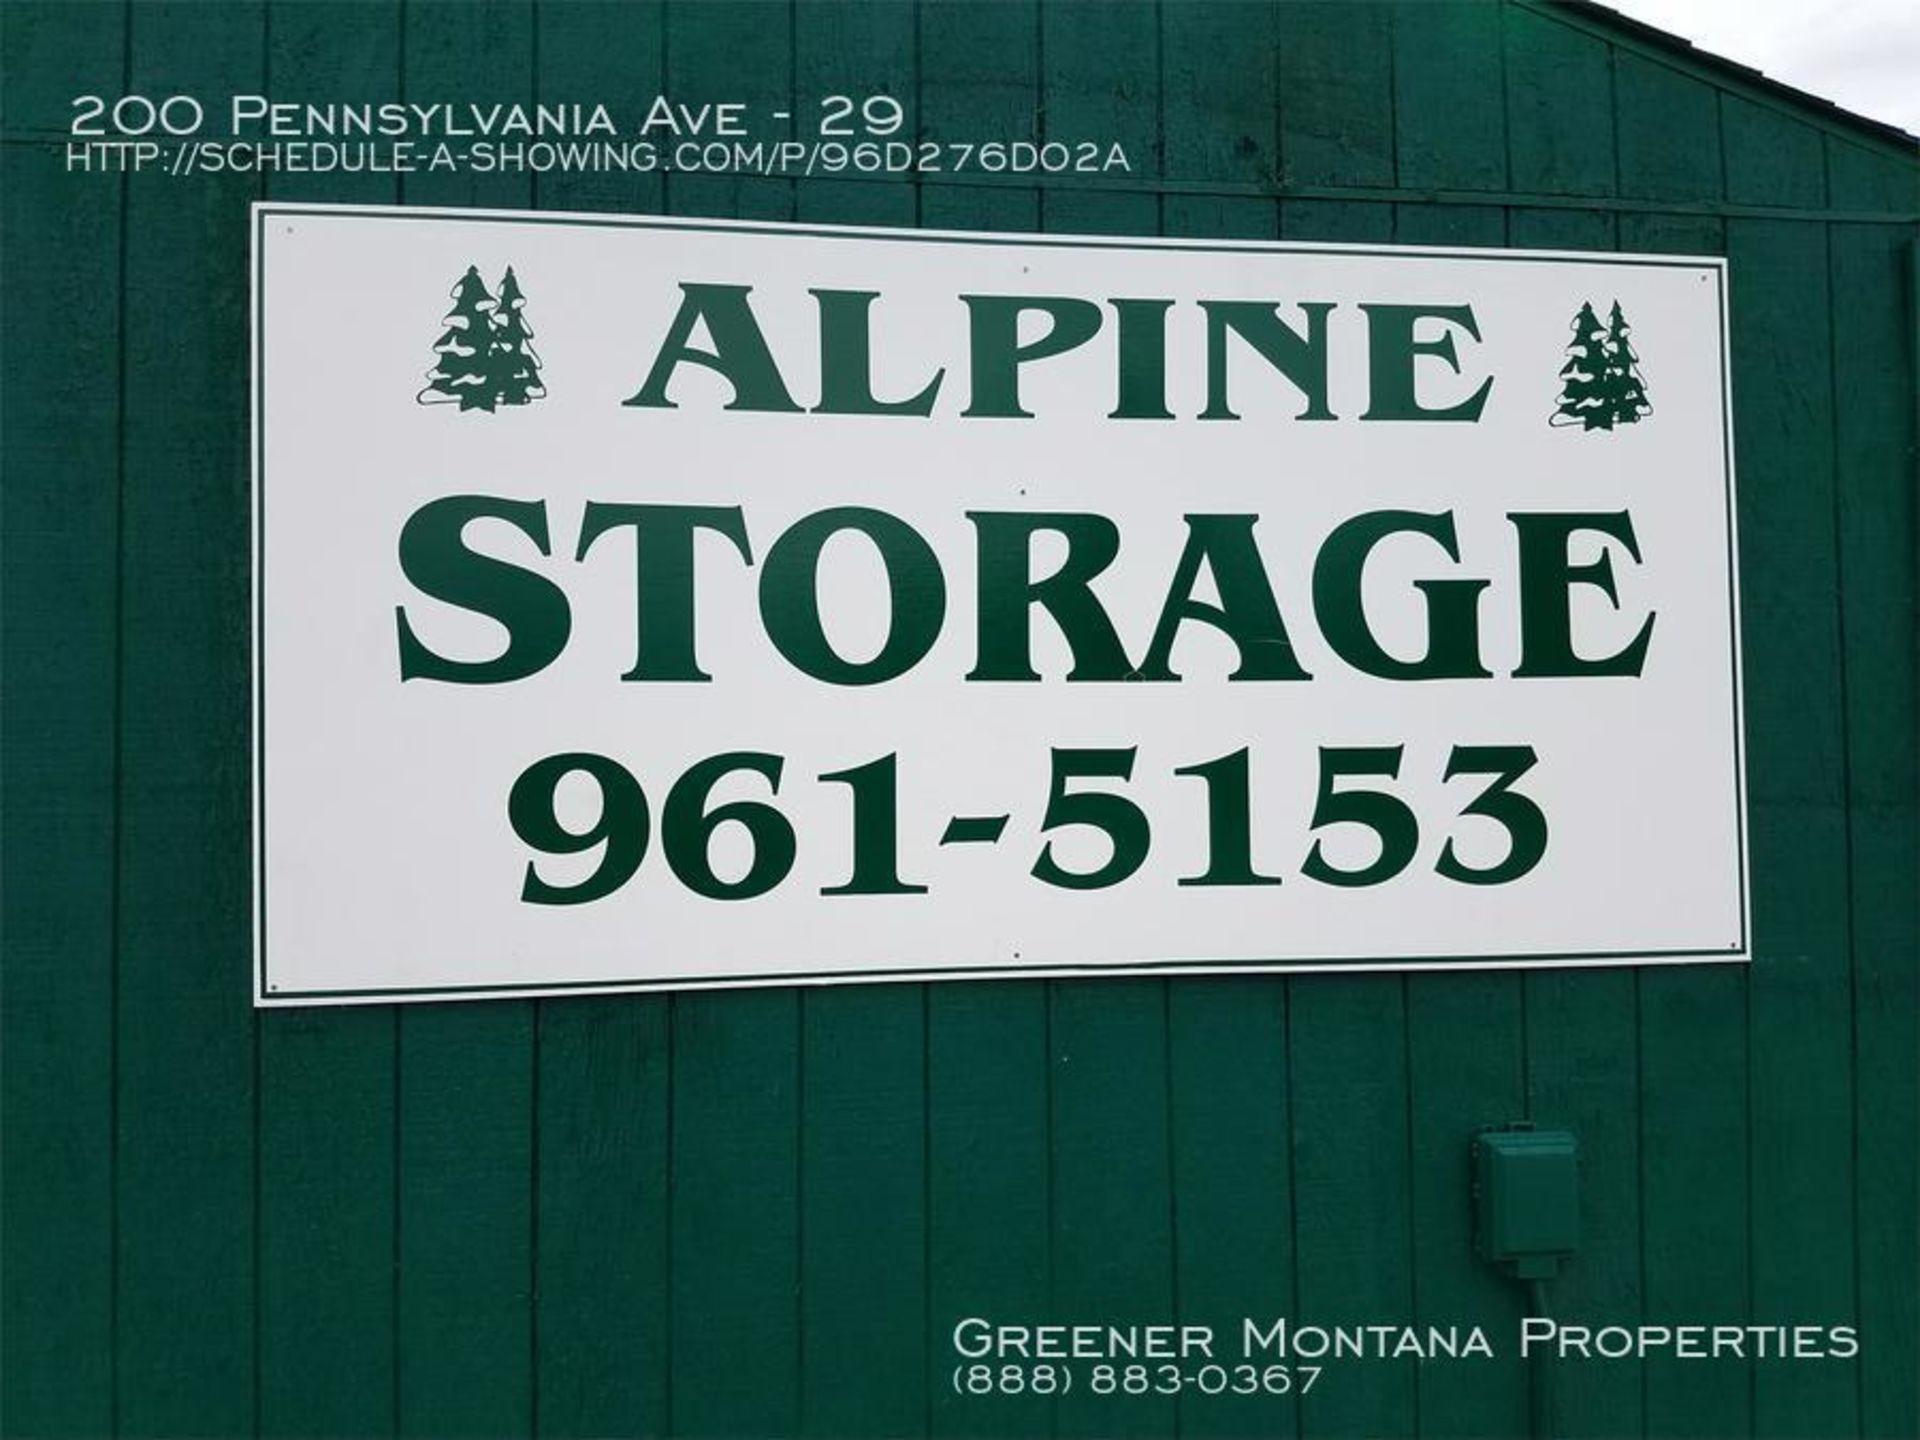 Alpine Storage